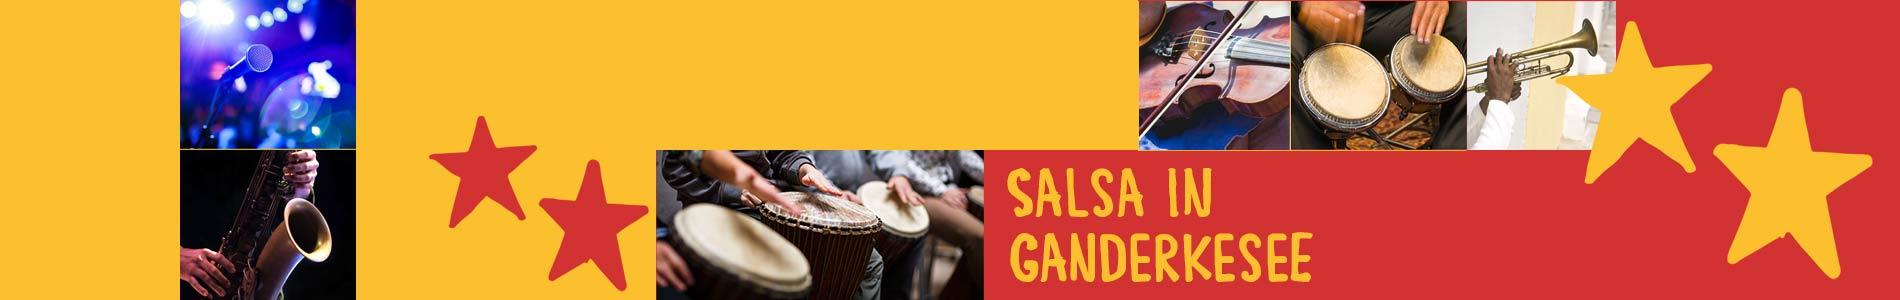 Salsa in Ganderkesee – Salsa lernen und tanzen, Tanzkurse, Partys, Veranstaltungen